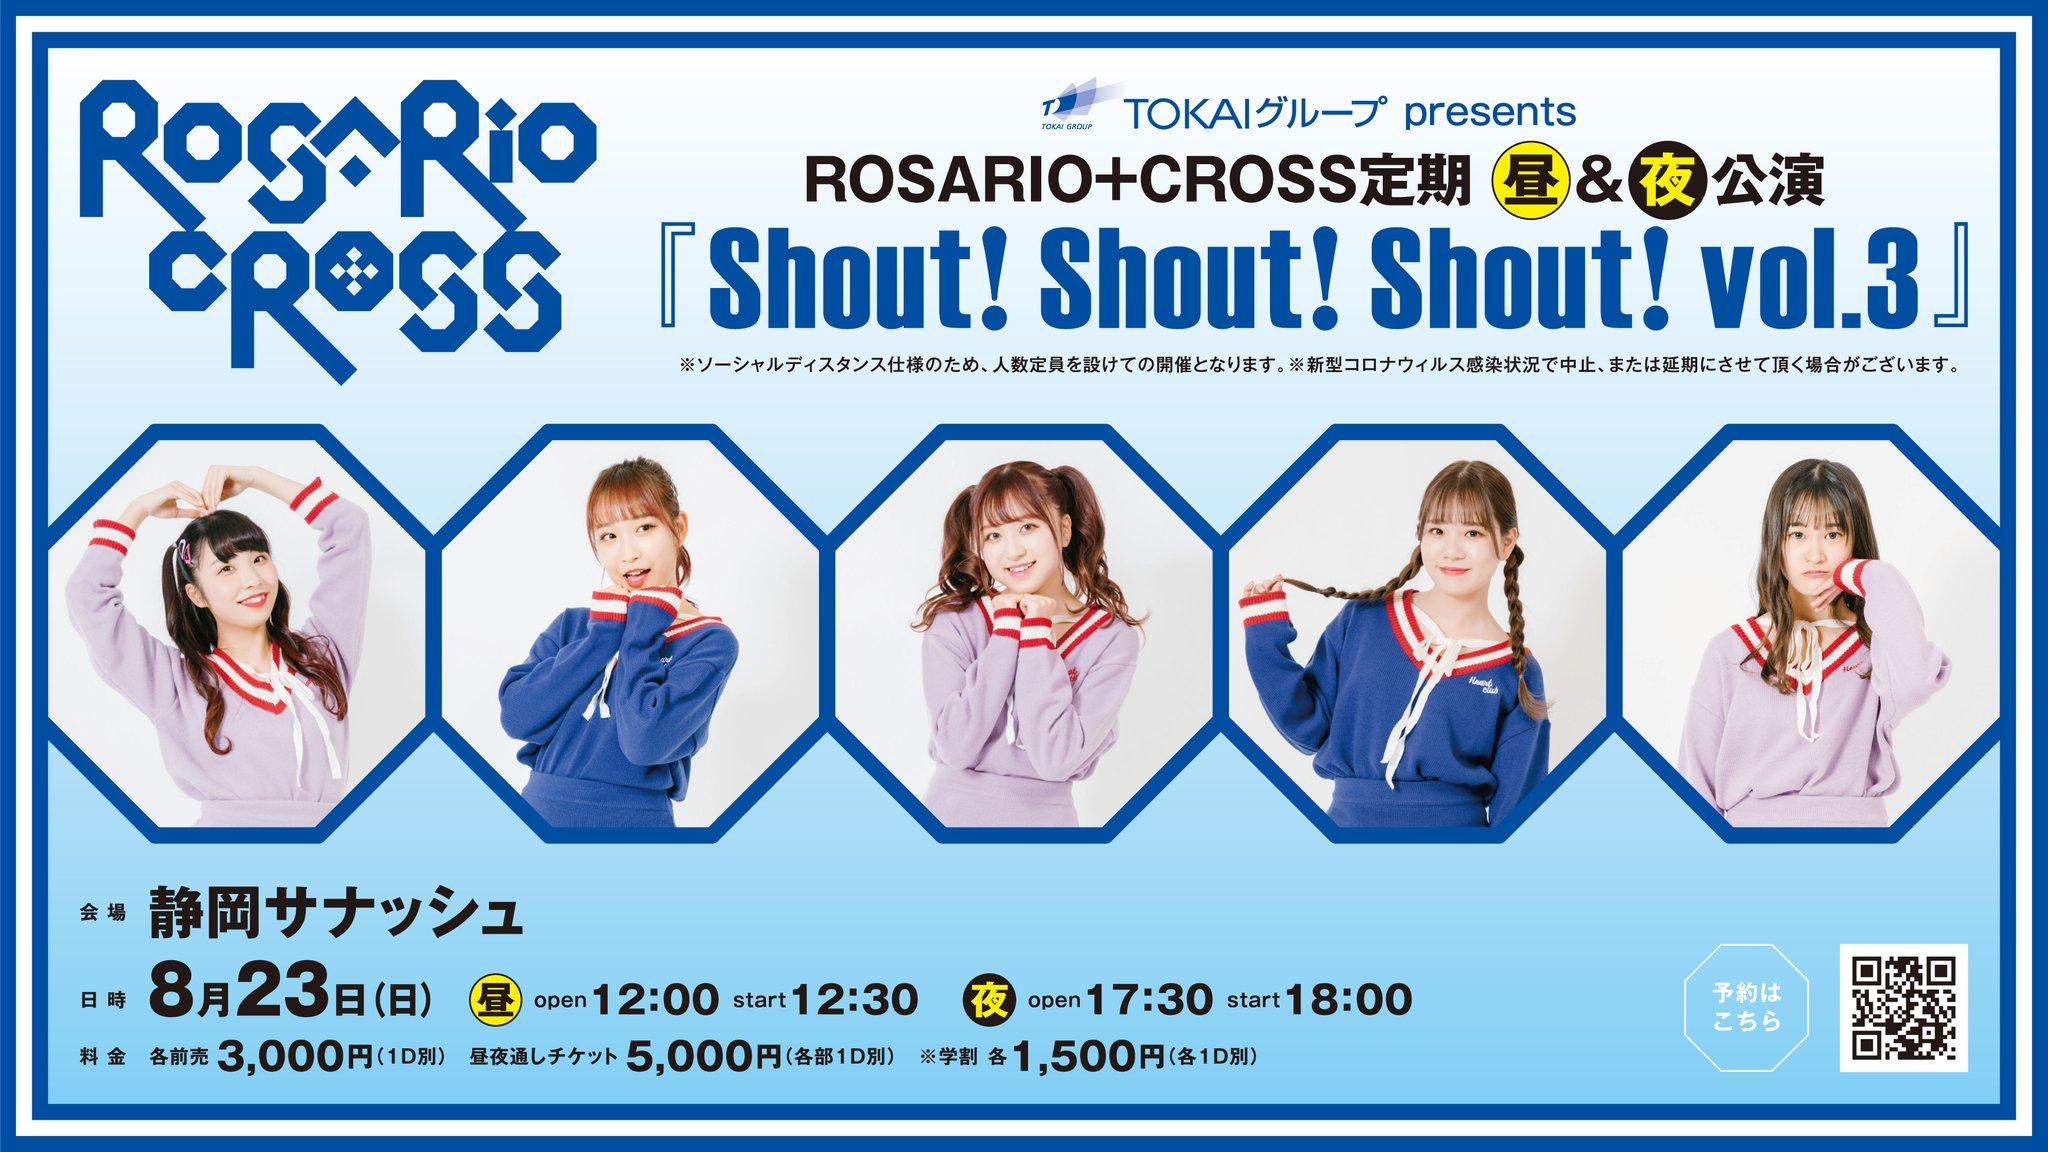 【ROSARIO+CROSS】TOKAIグループpresents「Shout! Shout! Shout! vol.3」昼&夜公演